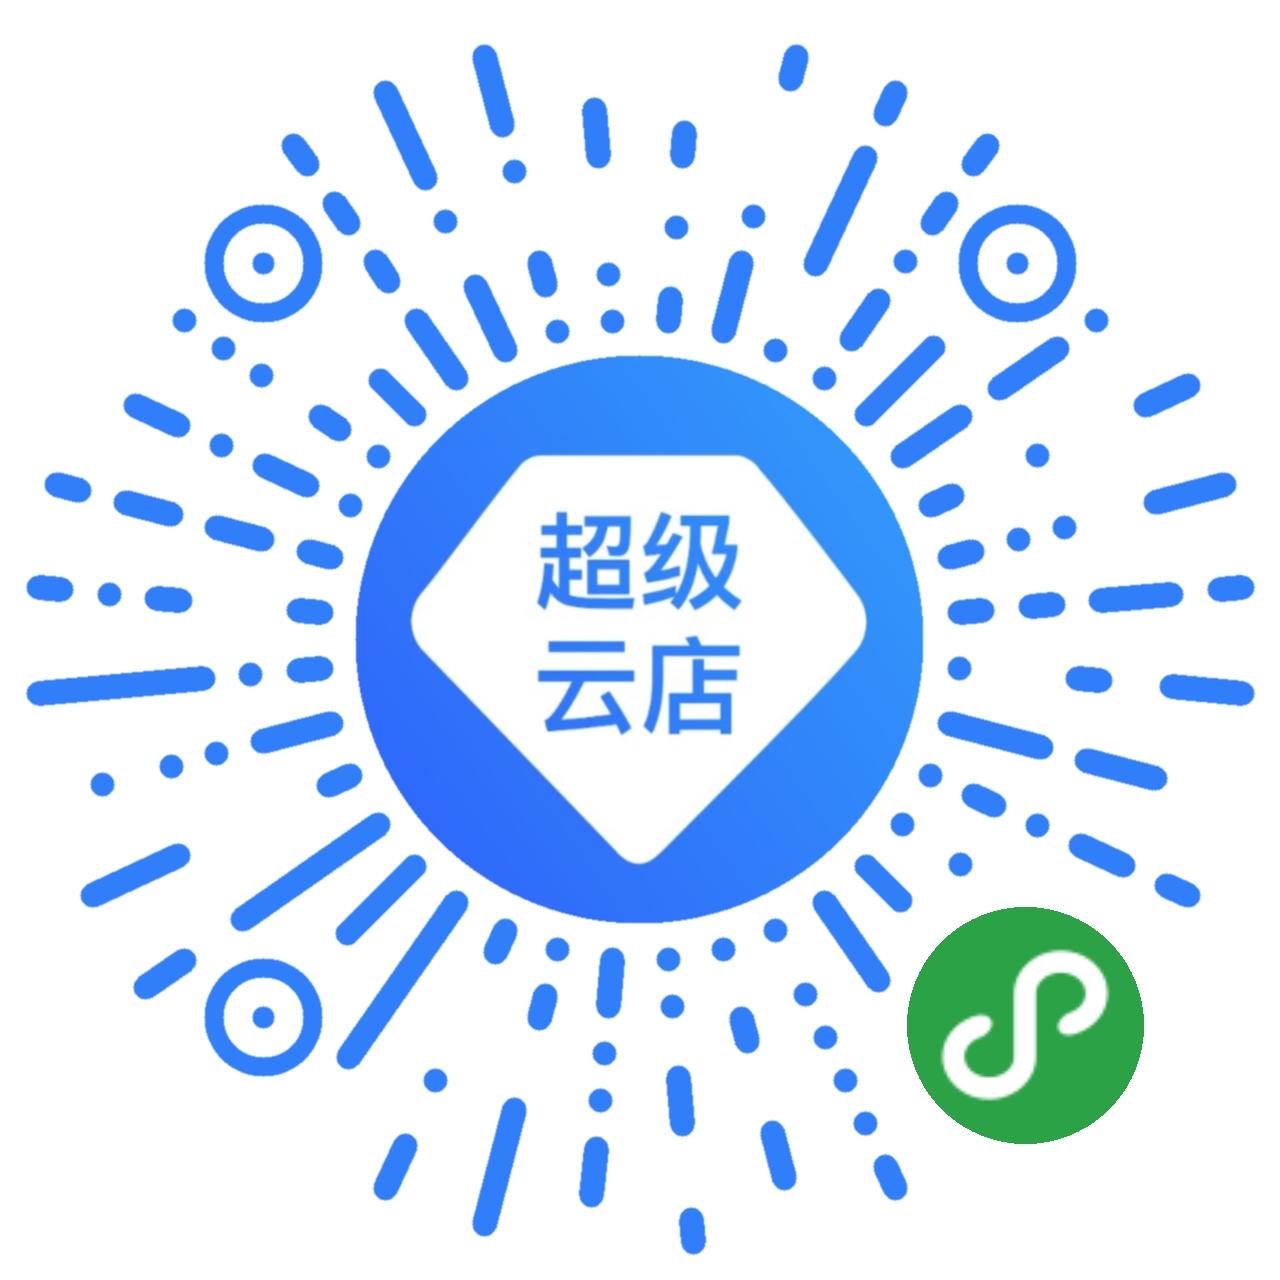 超级云店-微信小程序二维码